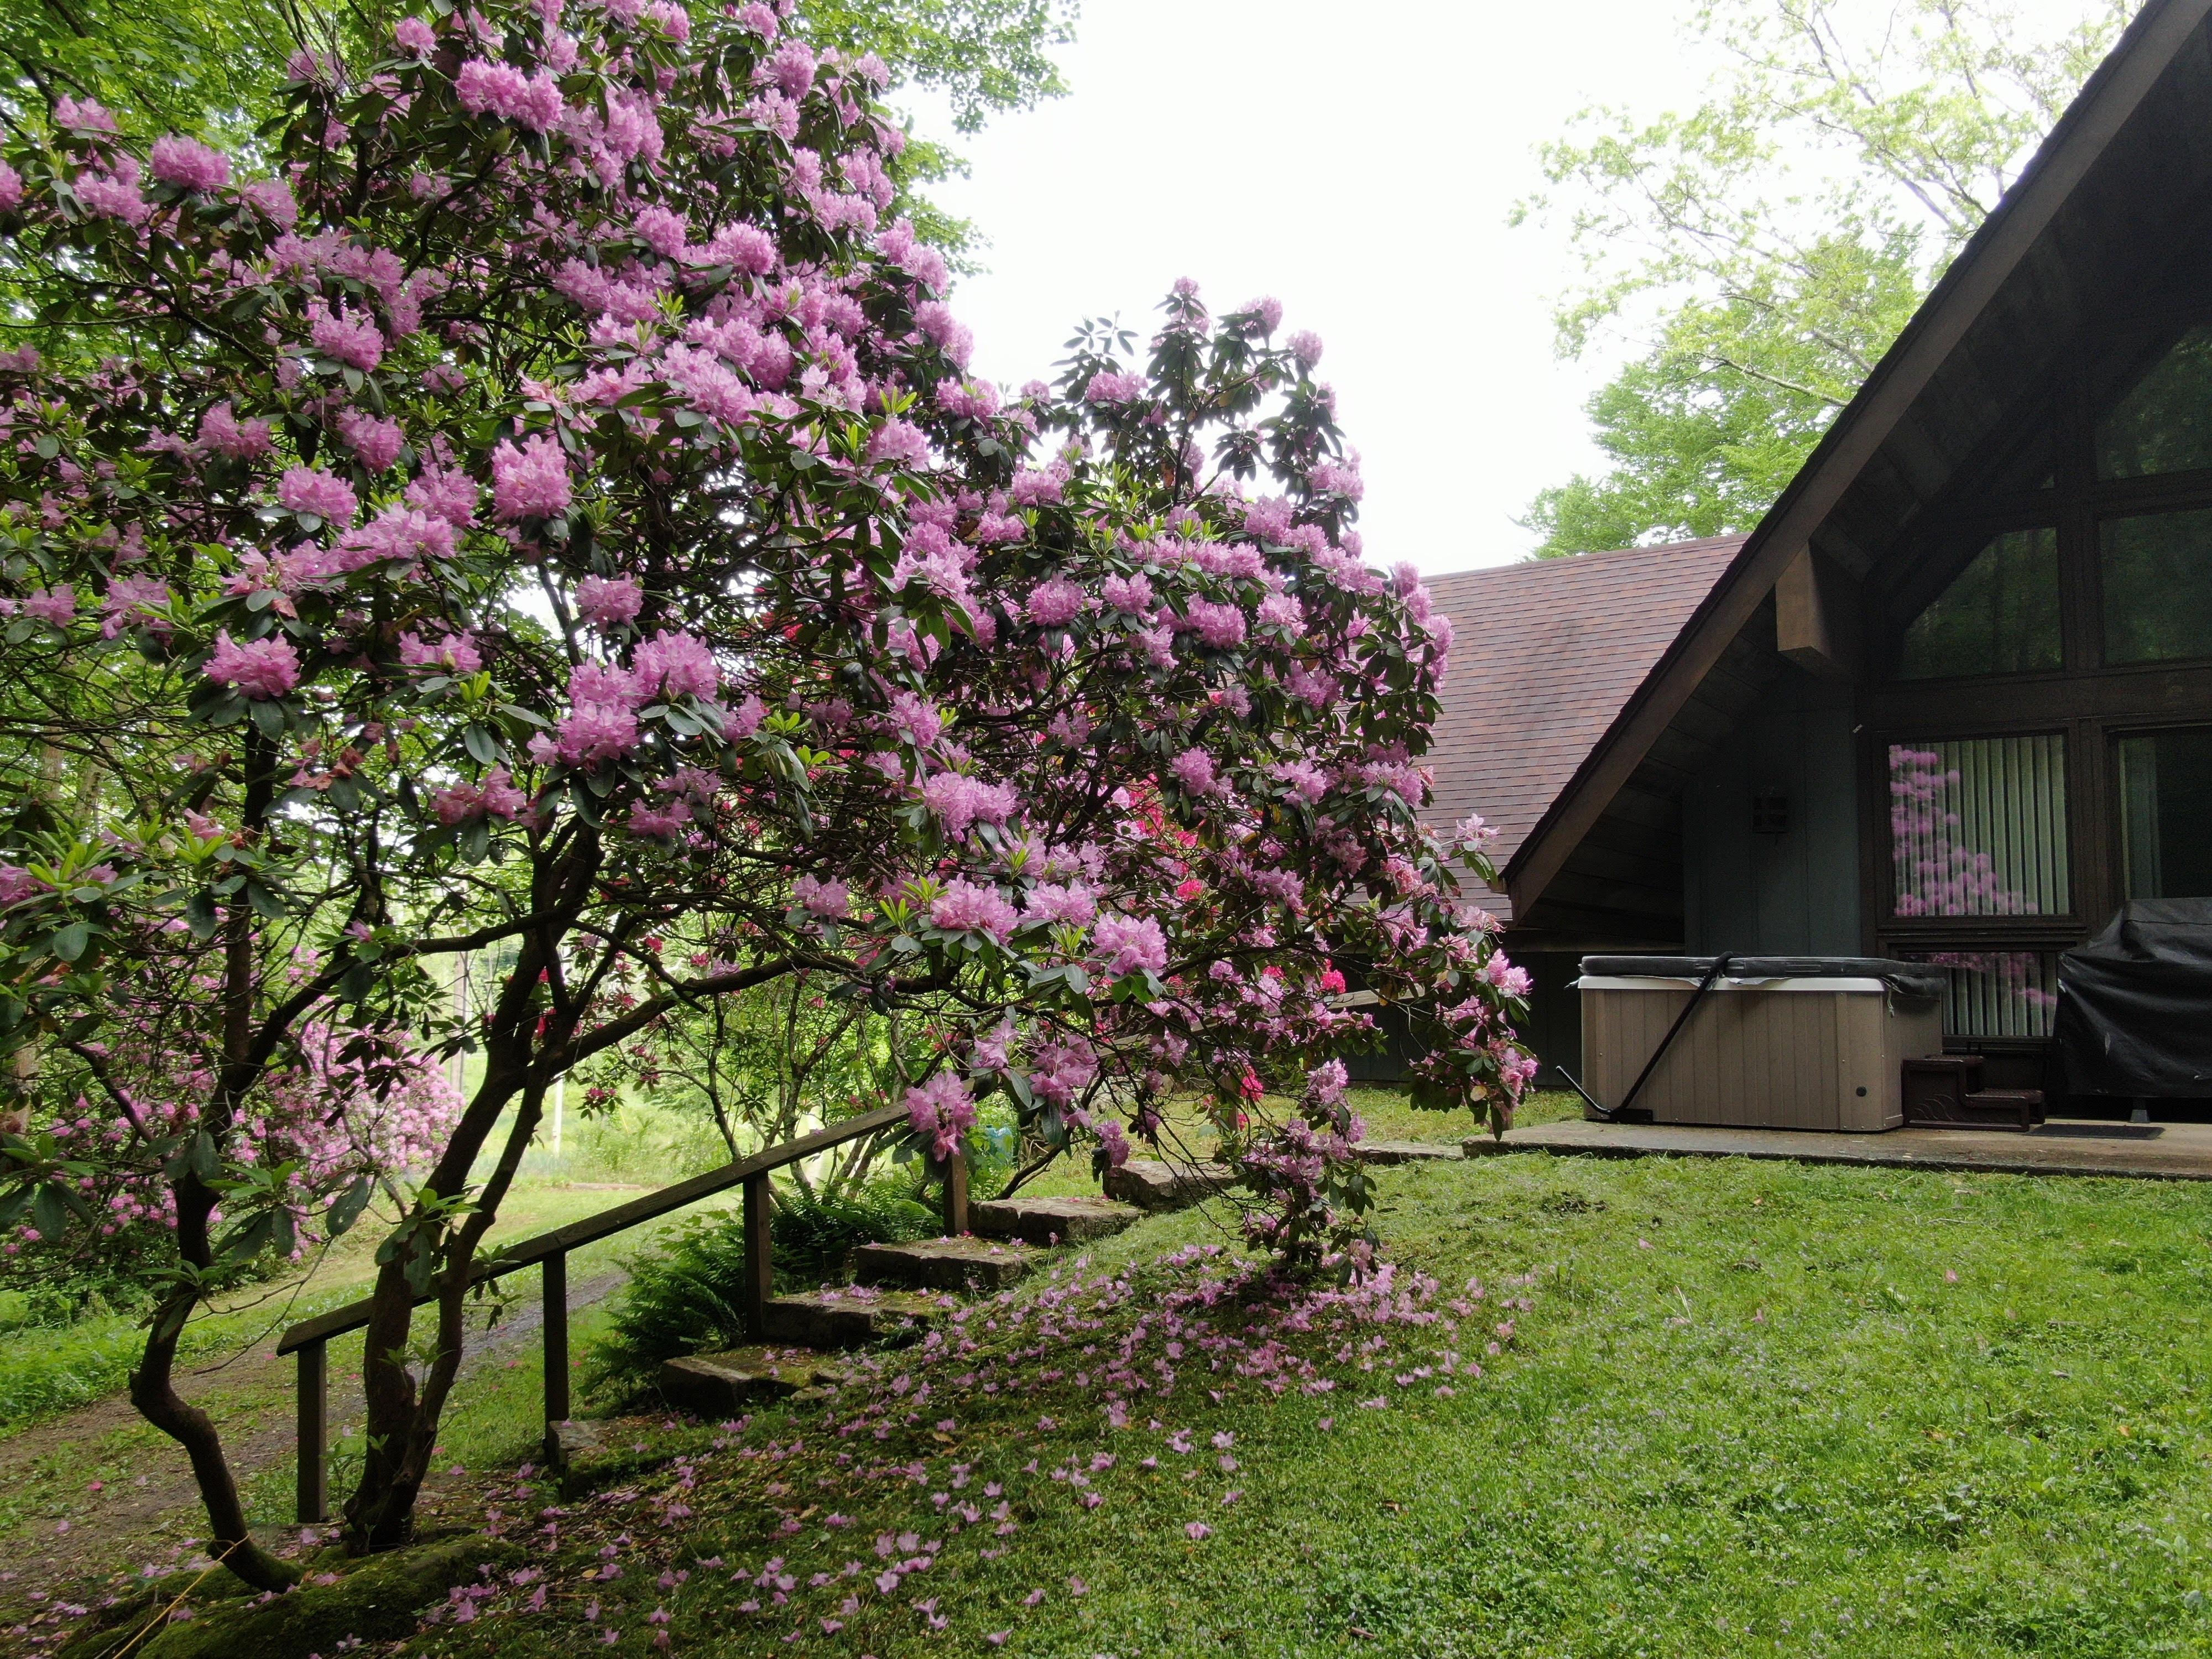 Mercer House - Walk up the steps to Mercer house.